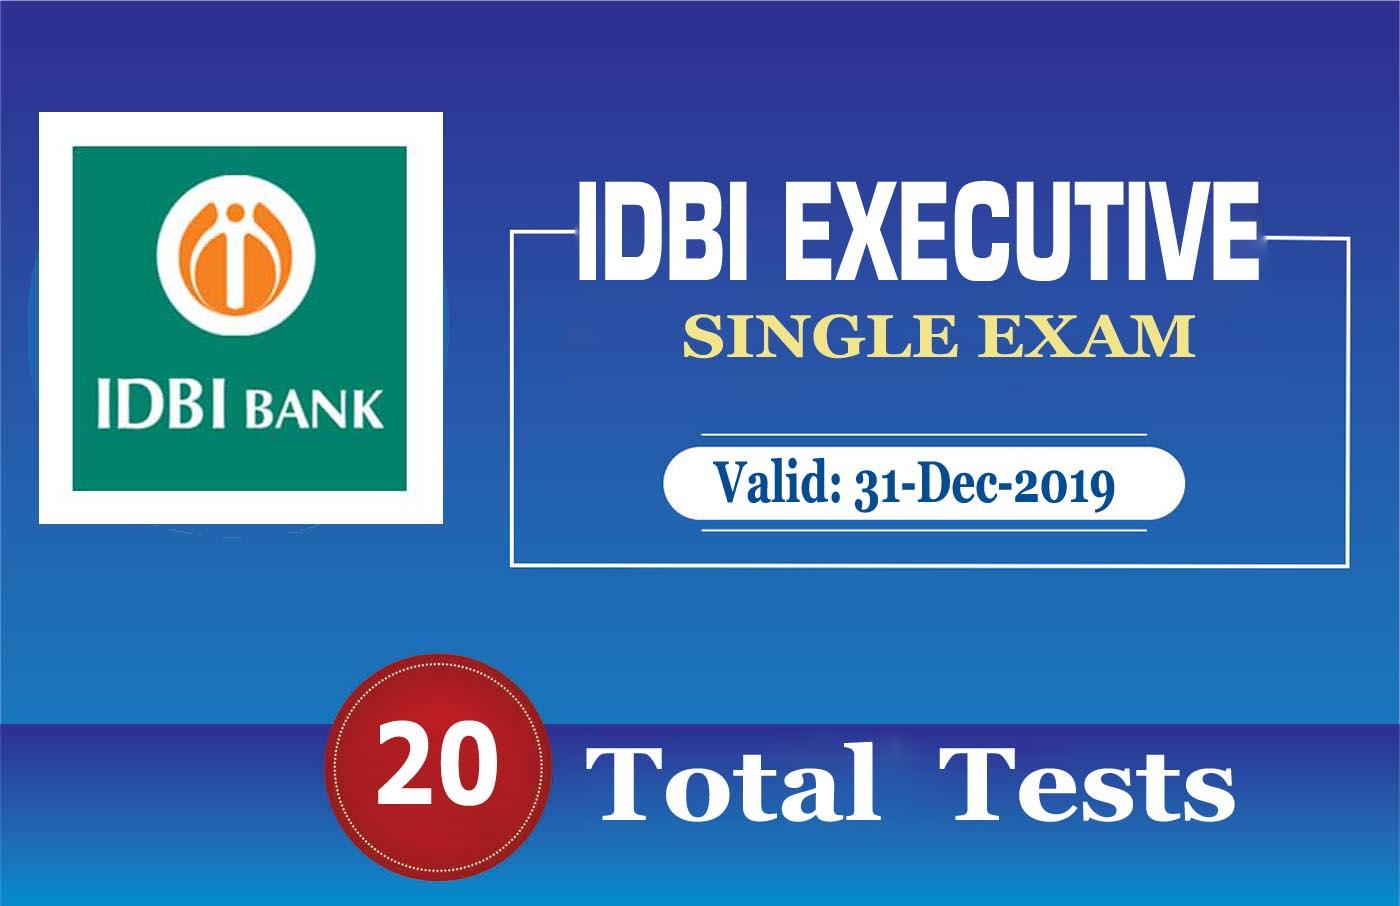 IDBI EXECUTIVE 2019